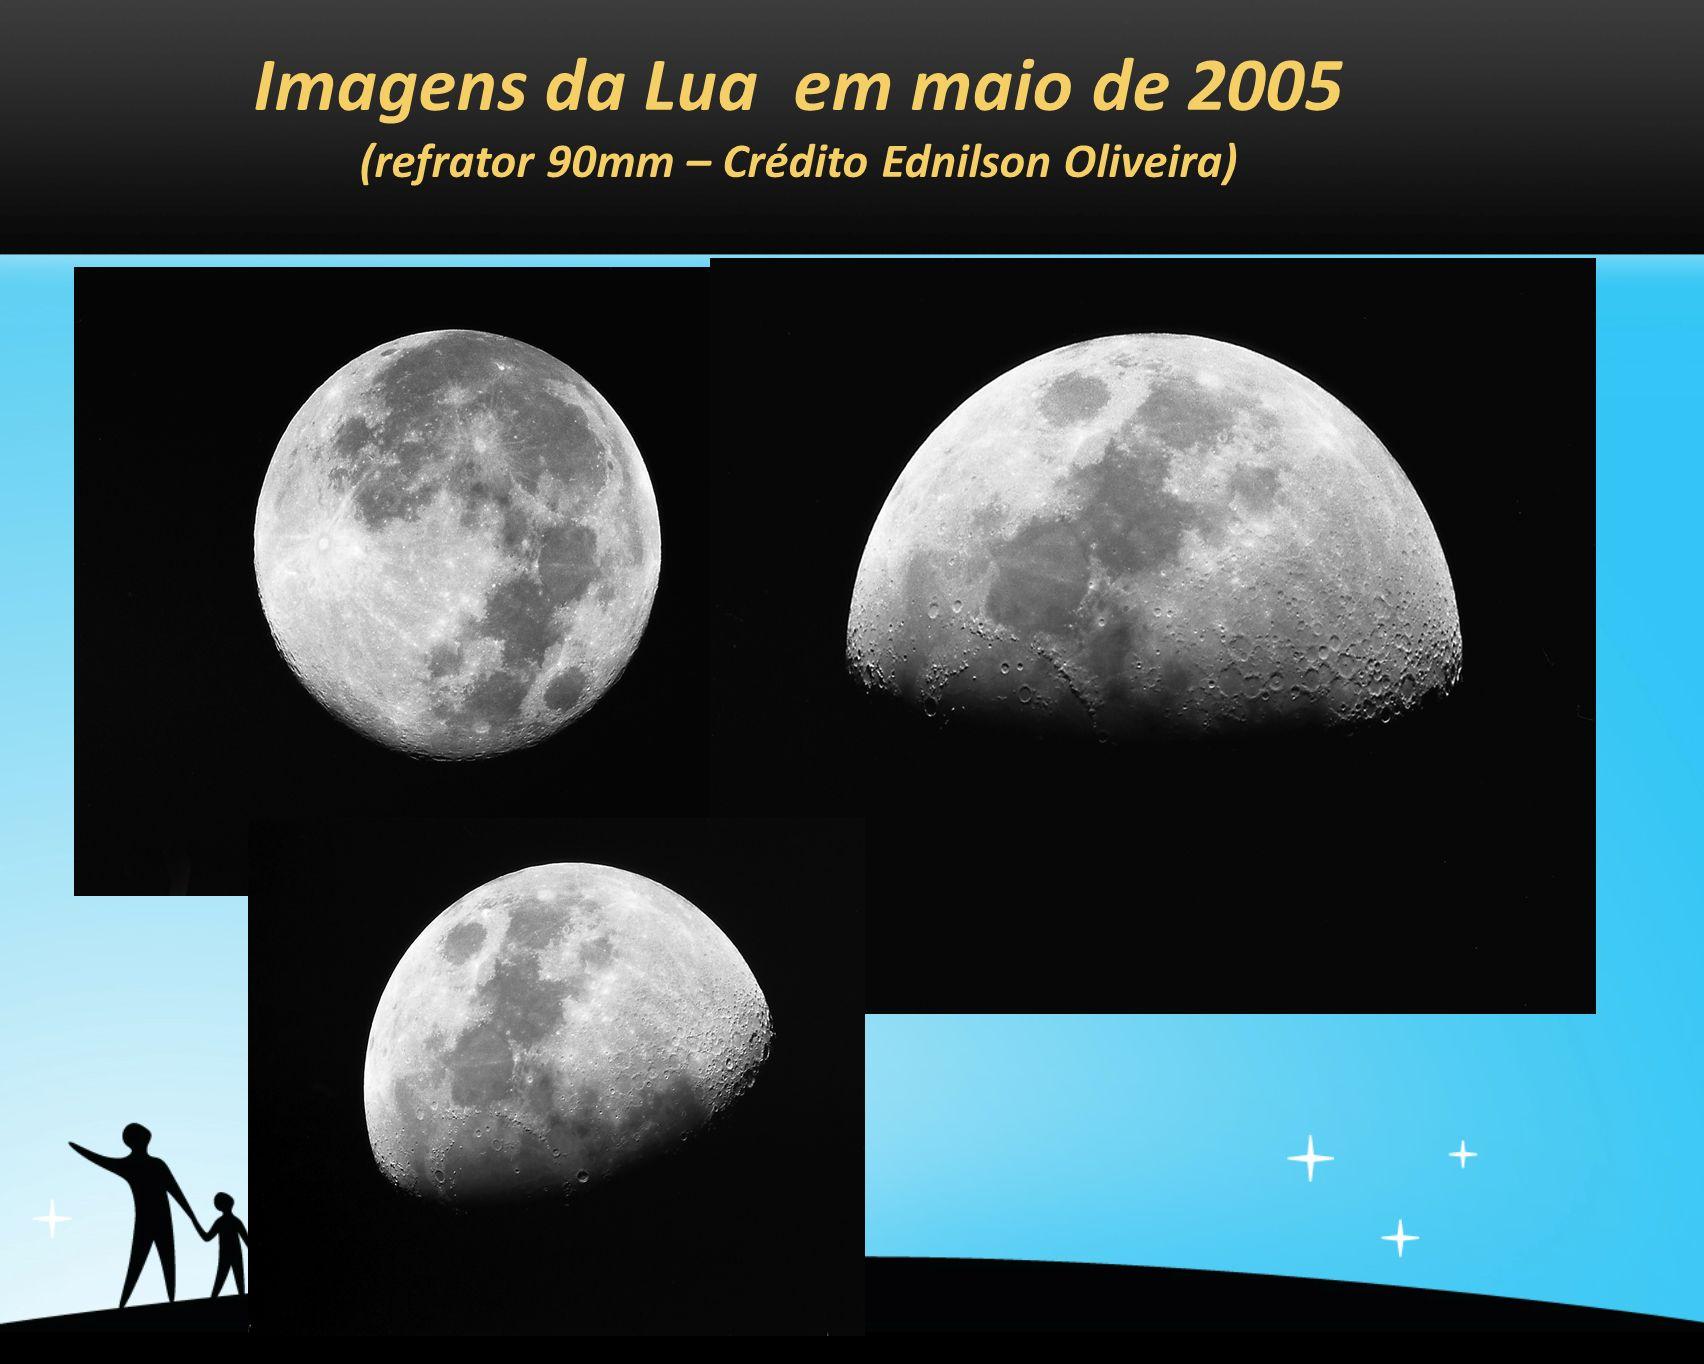 Imagens da Lua em maio de 2005 (refrator 90mm – Crédito Ednilson Oliveira)